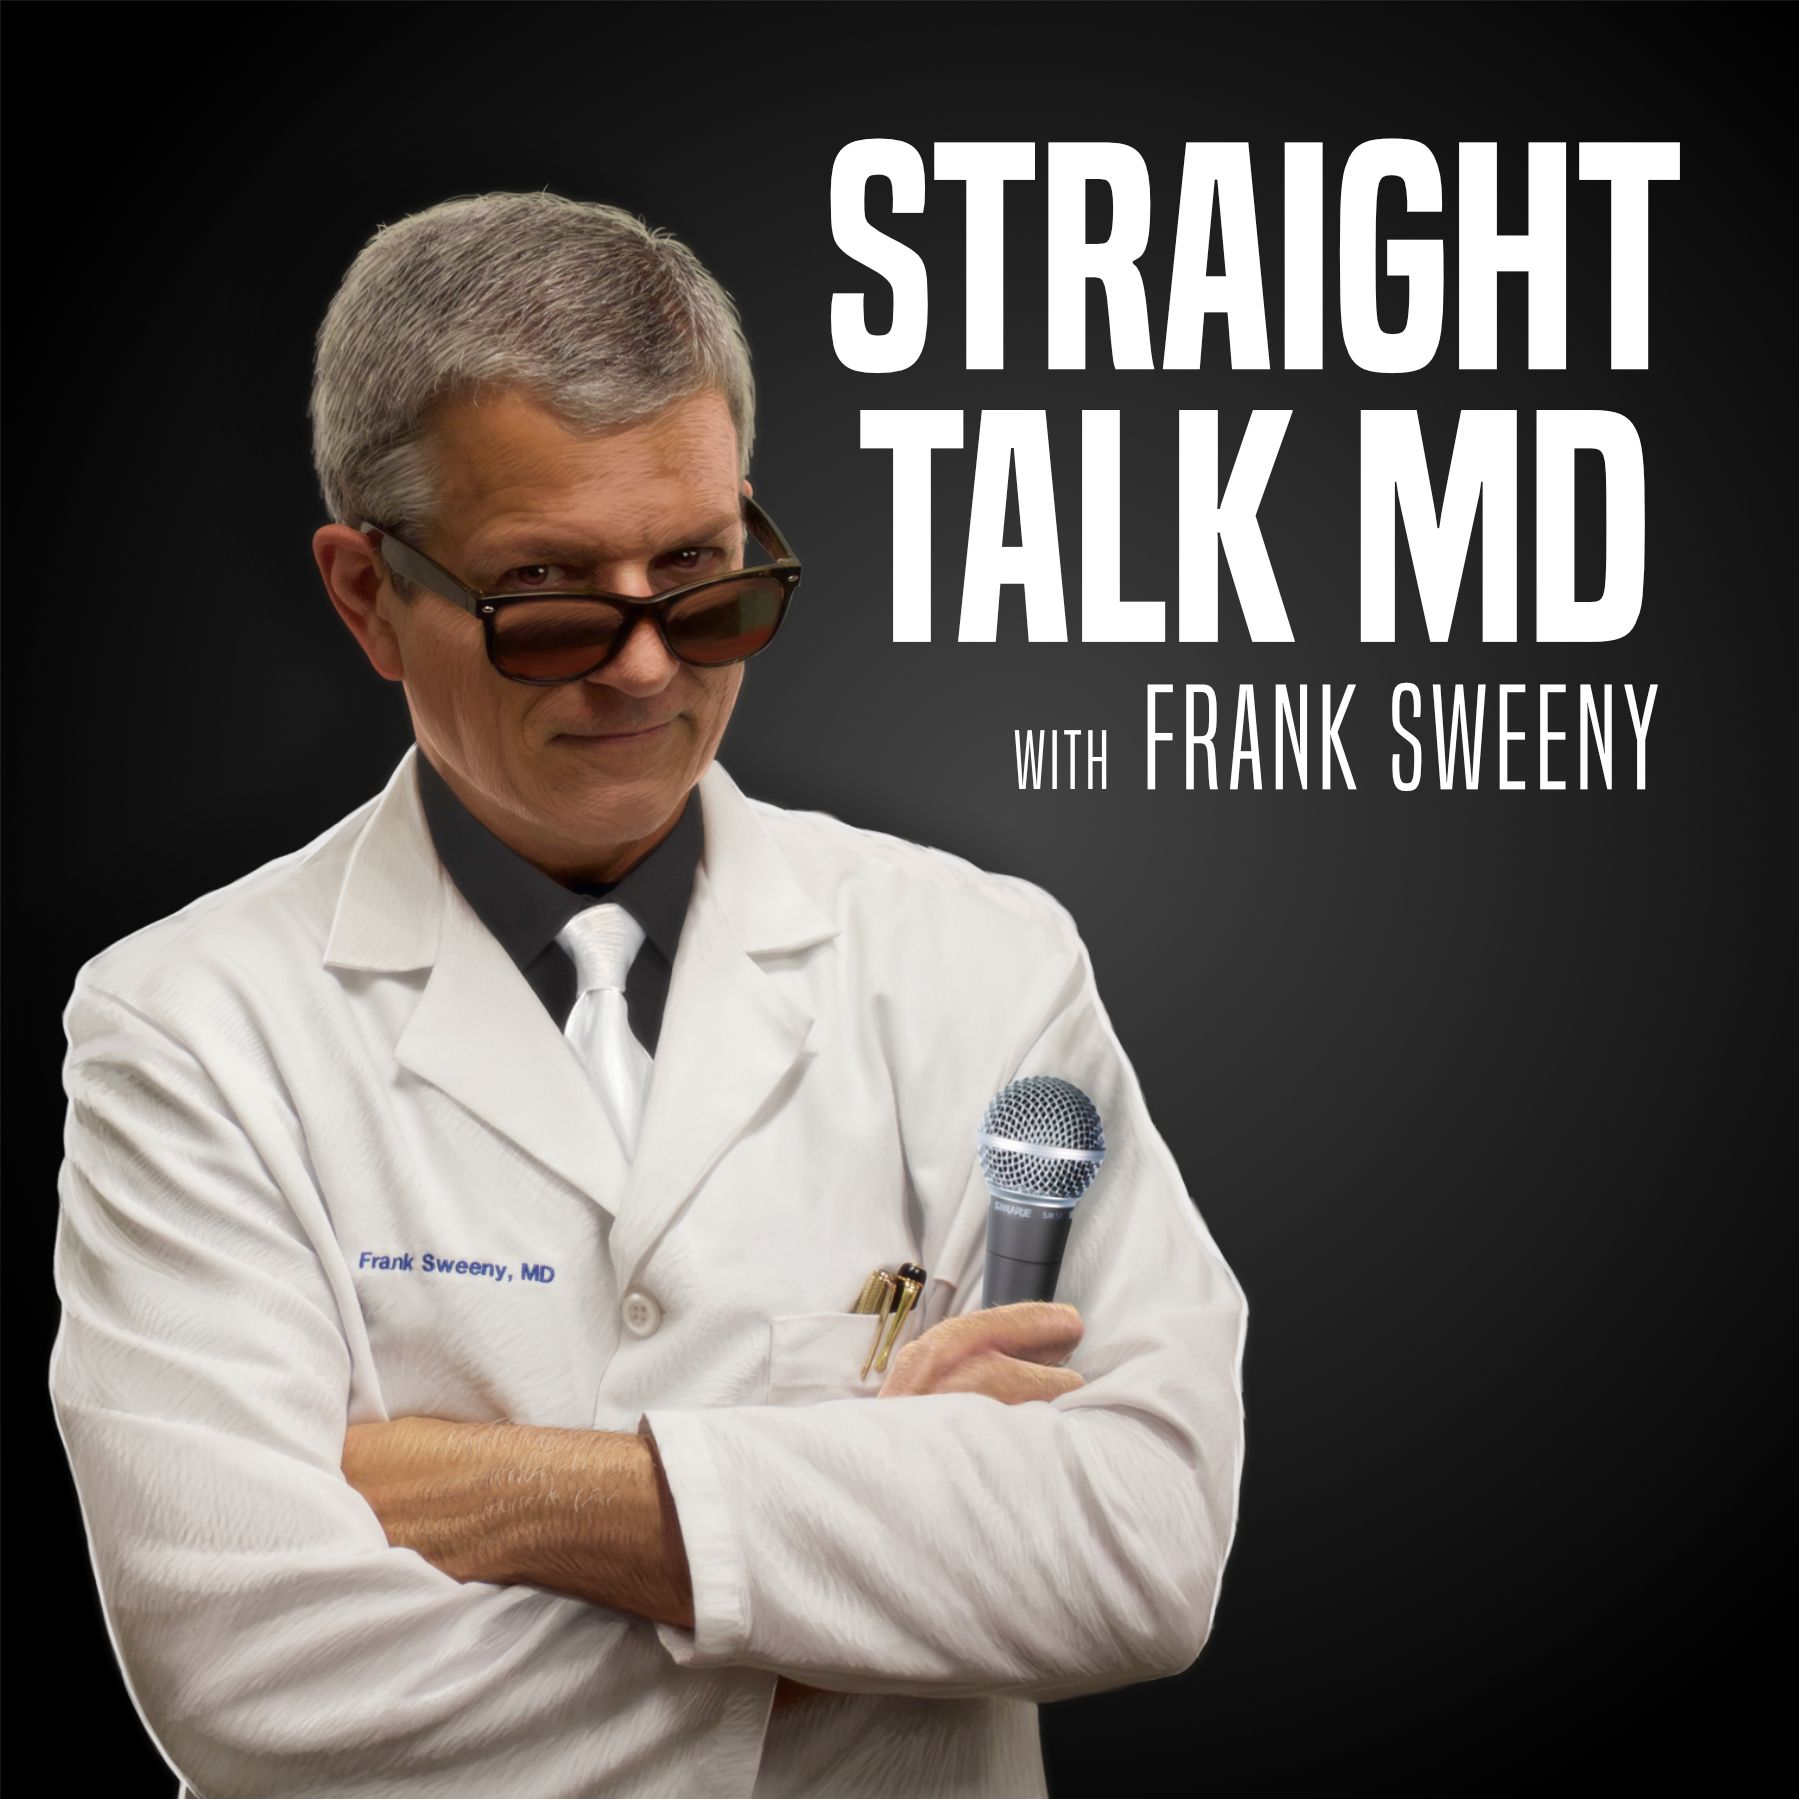 Straight Talk MD